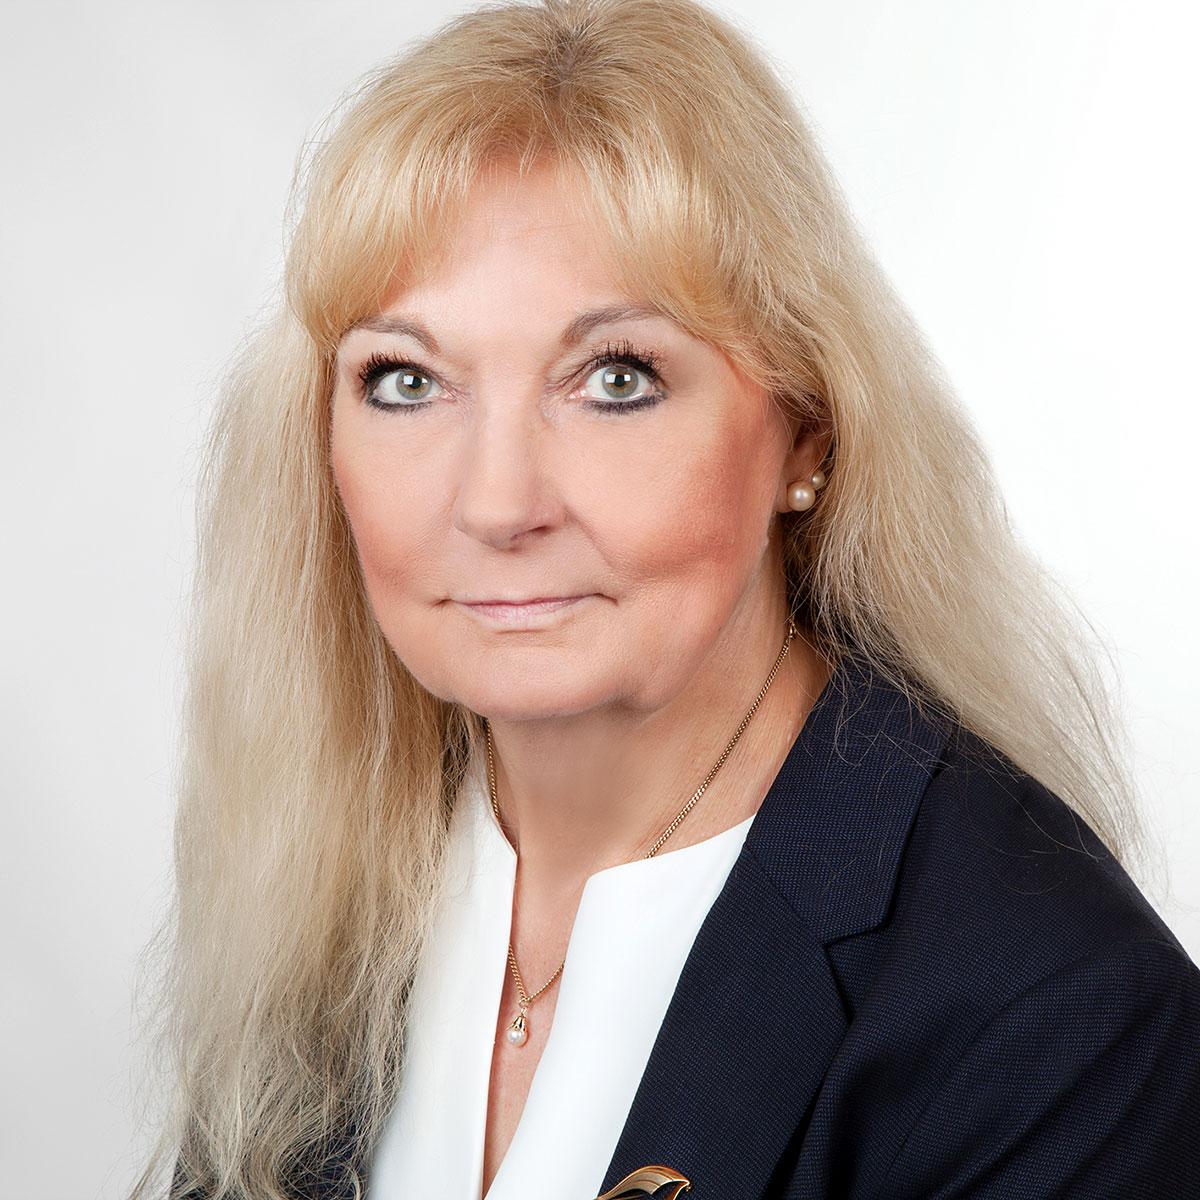 Elisabeth-Wichmann